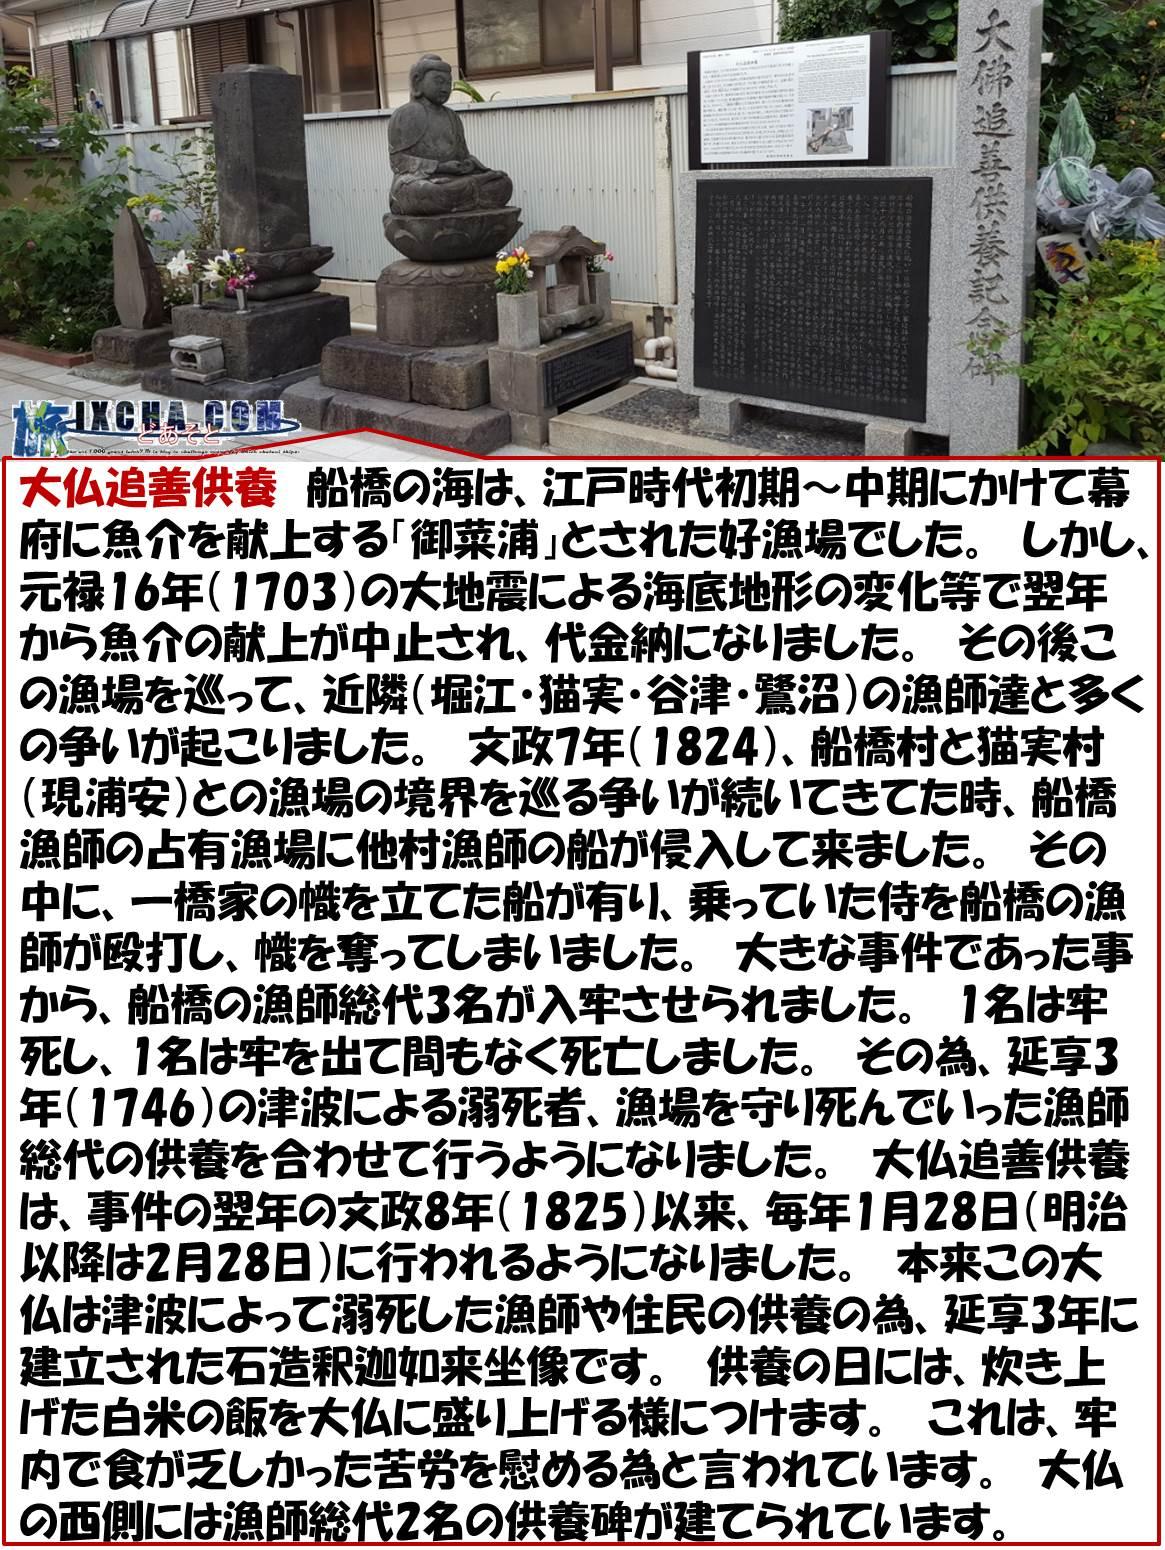 大仏追善供養 船橋の海は、江戸時代初期~中期にかけて幕府に魚介を献上する「御菜浦」とされた好漁場でした。 しかし、元禄16年(1703)の大地震による海底地形の変化等で翌年から魚介の献上が中止され、代金納になりました。 その後この漁場を巡って、近隣(堀江・猫実・谷津・鷺沼)の漁師達と多くの争いが起こりました。 文政7年(1824)、船橋村と猫実村(現浦安)との漁場の境界を巡る争いが続いてきてた時、船橋漁師の占有漁場に他村漁師の船が侵入して来ました。 その中に、一橋家の幟を立てた船が有り、乗っていた侍を船橋の漁師が殴打し、幟を奪ってしまいました。 大きな事件であった事から、船橋の漁師総代3名が入牢させられました。 1名は牢死し、1名は牢を出て間もなく死亡しました。 その為、延享3年(1746)の津波による溺死者、漁場を守り死んでいった漁師総代の供養を合わせて行うようになりました。 大仏追善供養は、事件の翌年の文政8年(1825)以来、毎年1月28日(明治以降は2月28日)に行われるようになりました。 本来この大仏は津波によって溺死した漁師や住民の供養の為、延享3年に建立された石造釈迦如来坐像です。 供養の日には、炊き上げた白米の飯を大仏に盛り上げる様につけます。 これは、牢内で食が乏しかった苦労を慰める為と言われています。 大仏の西側には漁師総代2名の供養碑が建てられています。